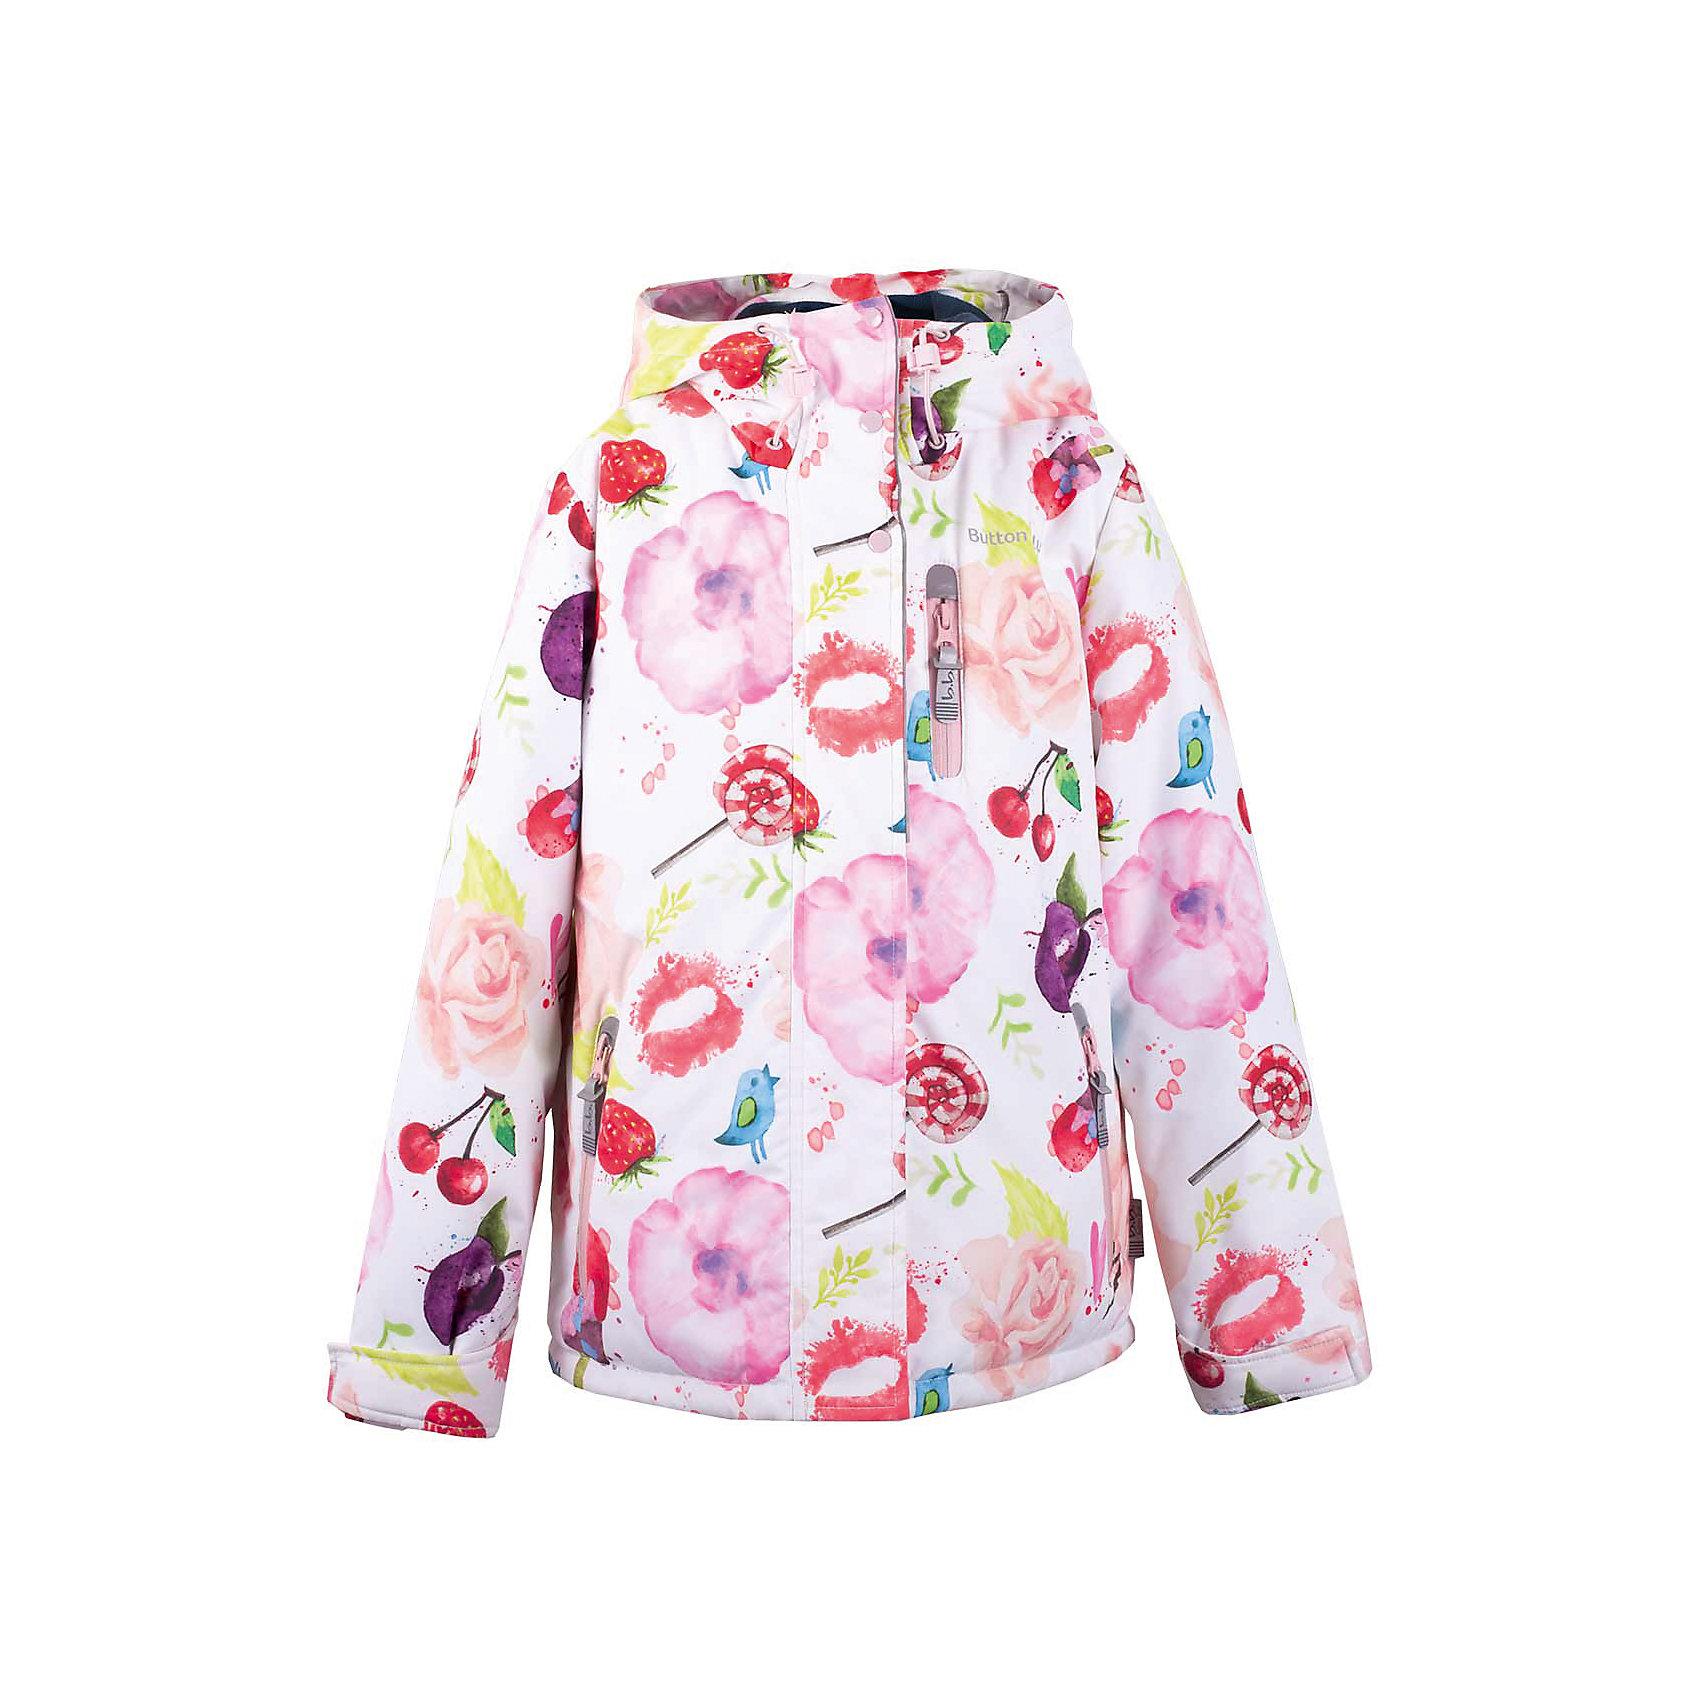 Куртка  для девочки  BUTTON BLUEВерхняя одежда<br>Куртка  для девочки  BUTTON BLUE<br>Отличная куртка на синтепоне для девочки понравится всем, кто любит активный отдых. Куртка  сделана с соблюдением технологических особенностей производства спортивной одежды. Она не промокает, специальная подкладка создает комфорт при длительной носке, светоотражающие элементы способствуют безопасности ребенка. Оригинальная водоотталкивающая ткань с эффектным   рисунком, а также цветная подкладка и фурнитура делают куртку яркой. Если вы хотите купить отличную детскую куртку недорого, не сомневаясь в ее качестве и комфорте, куртка от Button Blue - то, что нужно!<br>Состав:<br>Ткань  верха: 100% полиэстер, подклад: 100% полиэстер, утепл.: 100% полиэстер<br><br>Ширина мм: 356<br>Глубина мм: 10<br>Высота мм: 245<br>Вес г: 519<br>Цвет: белый<br>Возраст от месяцев: 120<br>Возраст до месяцев: 132<br>Пол: Женский<br>Возраст: Детский<br>Размер: 146,152,158,98,104,110,116,122,128,134,140<br>SKU: 5524825